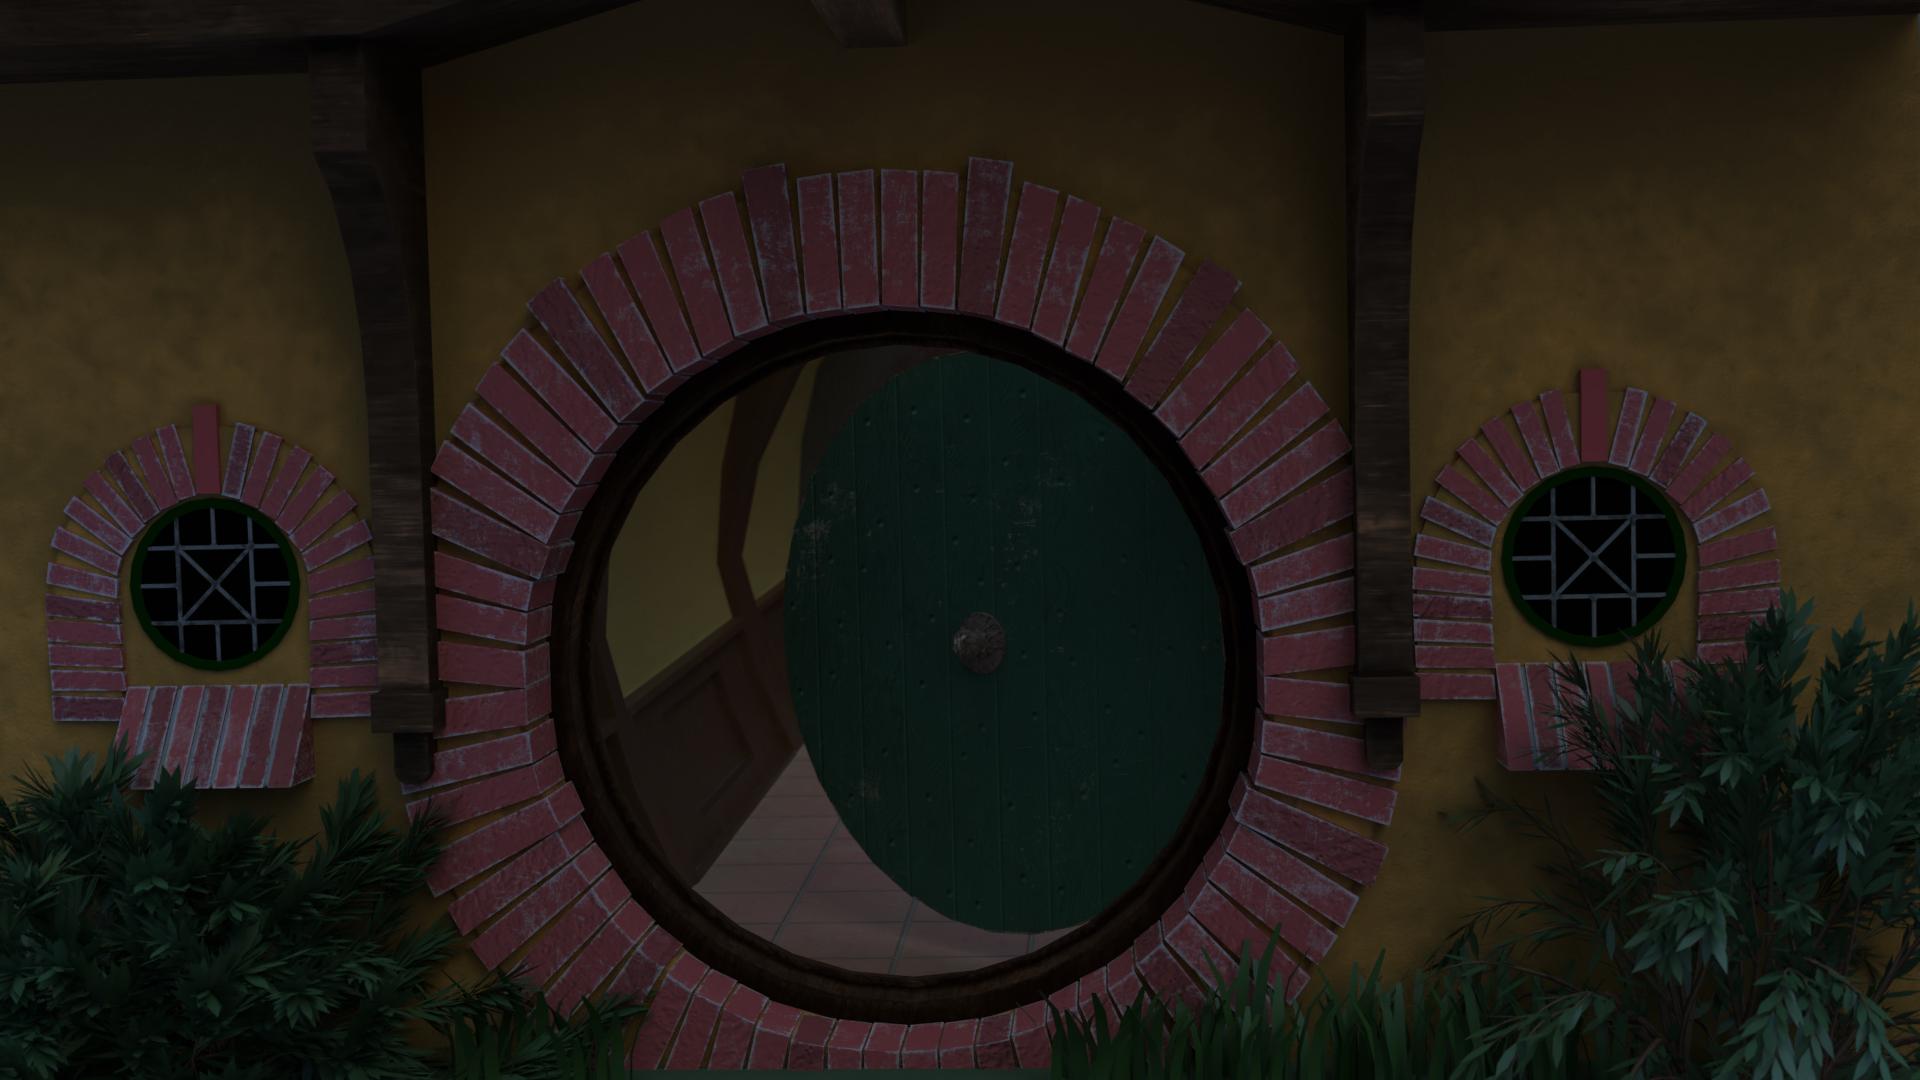 9314-hobbitdoor-png